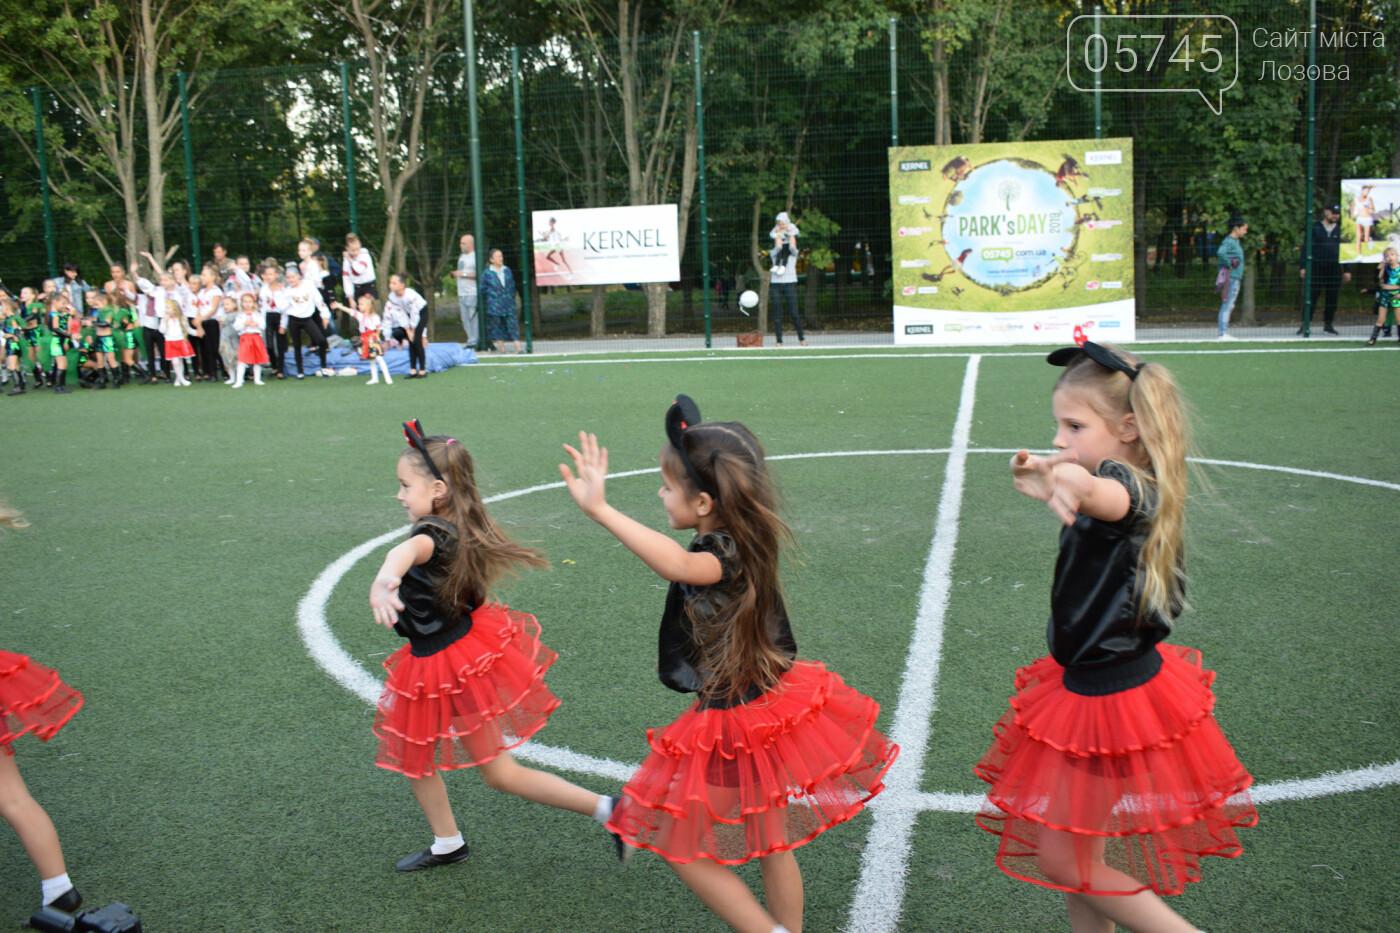 """Море драйва и зрелищ! В Лозовой состоялся первый спортивно-развлекательный фестиваль """"Park's Day"""", фото-88"""